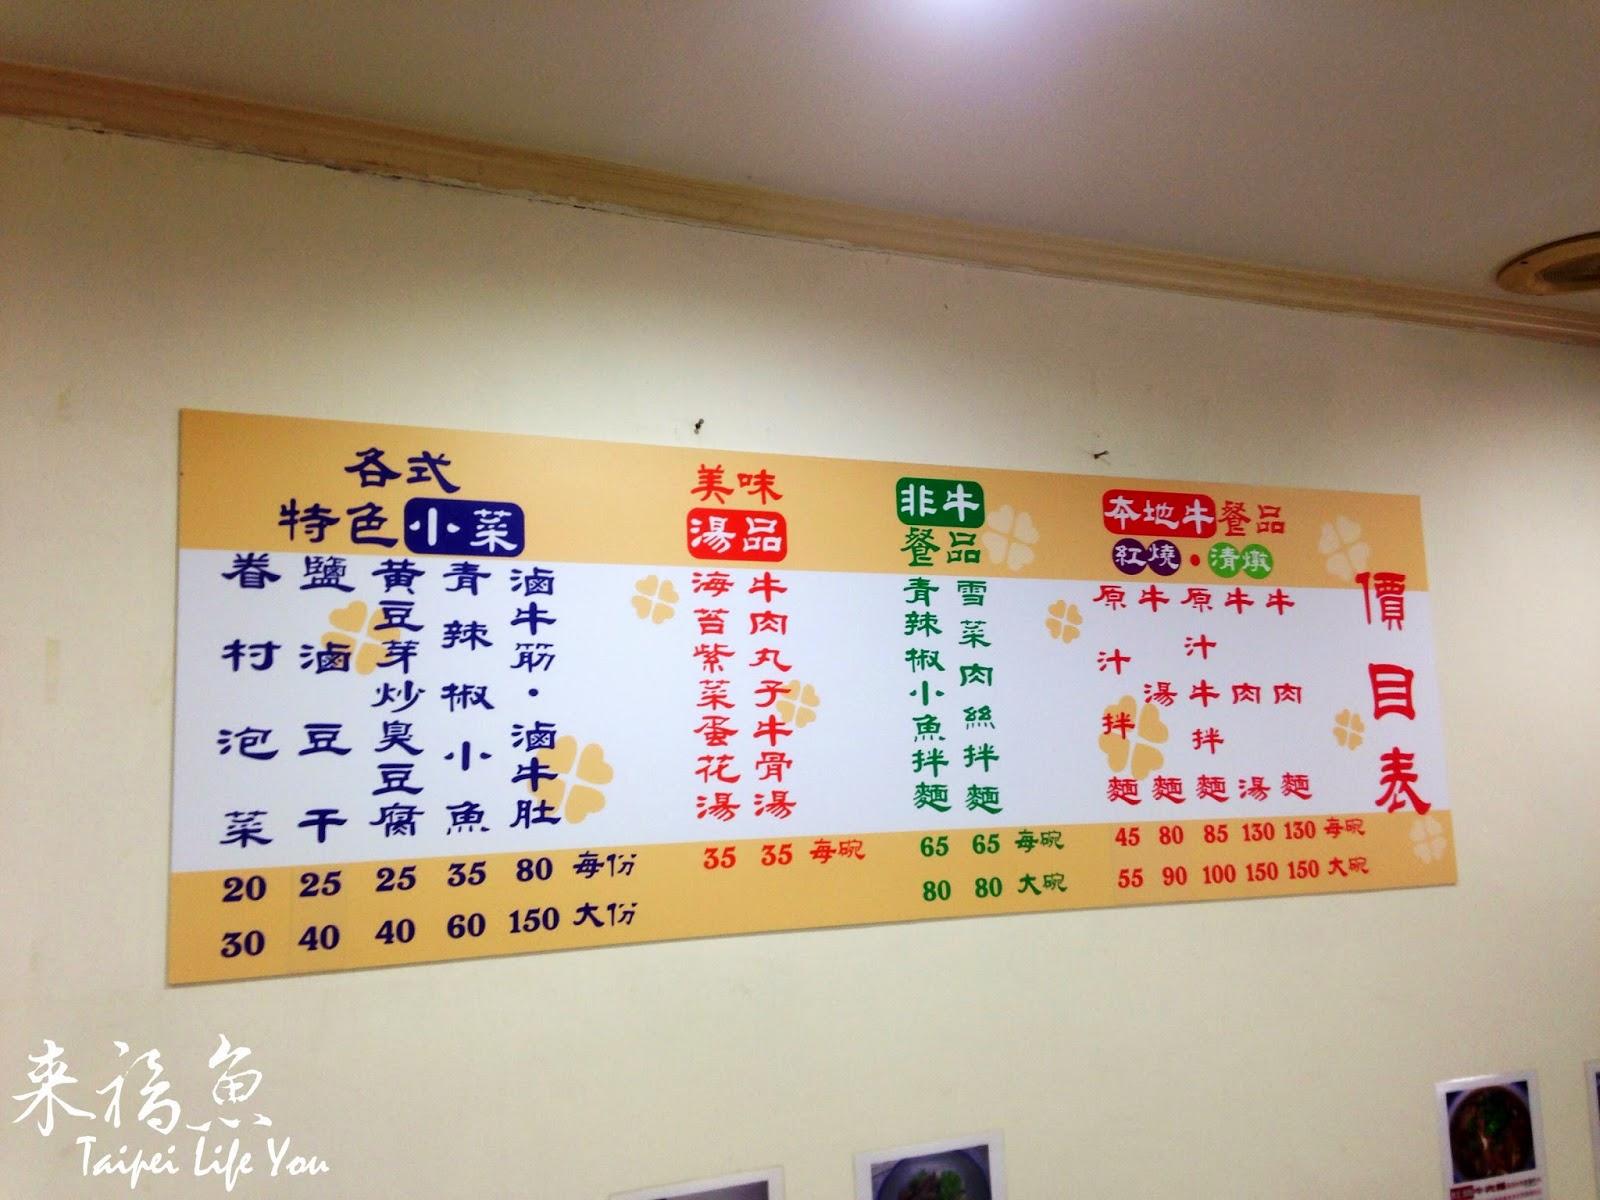 [台北][住宿]東吳大飯店-2012Trip Advisor 最超值飯店第1名(近 …_插圖